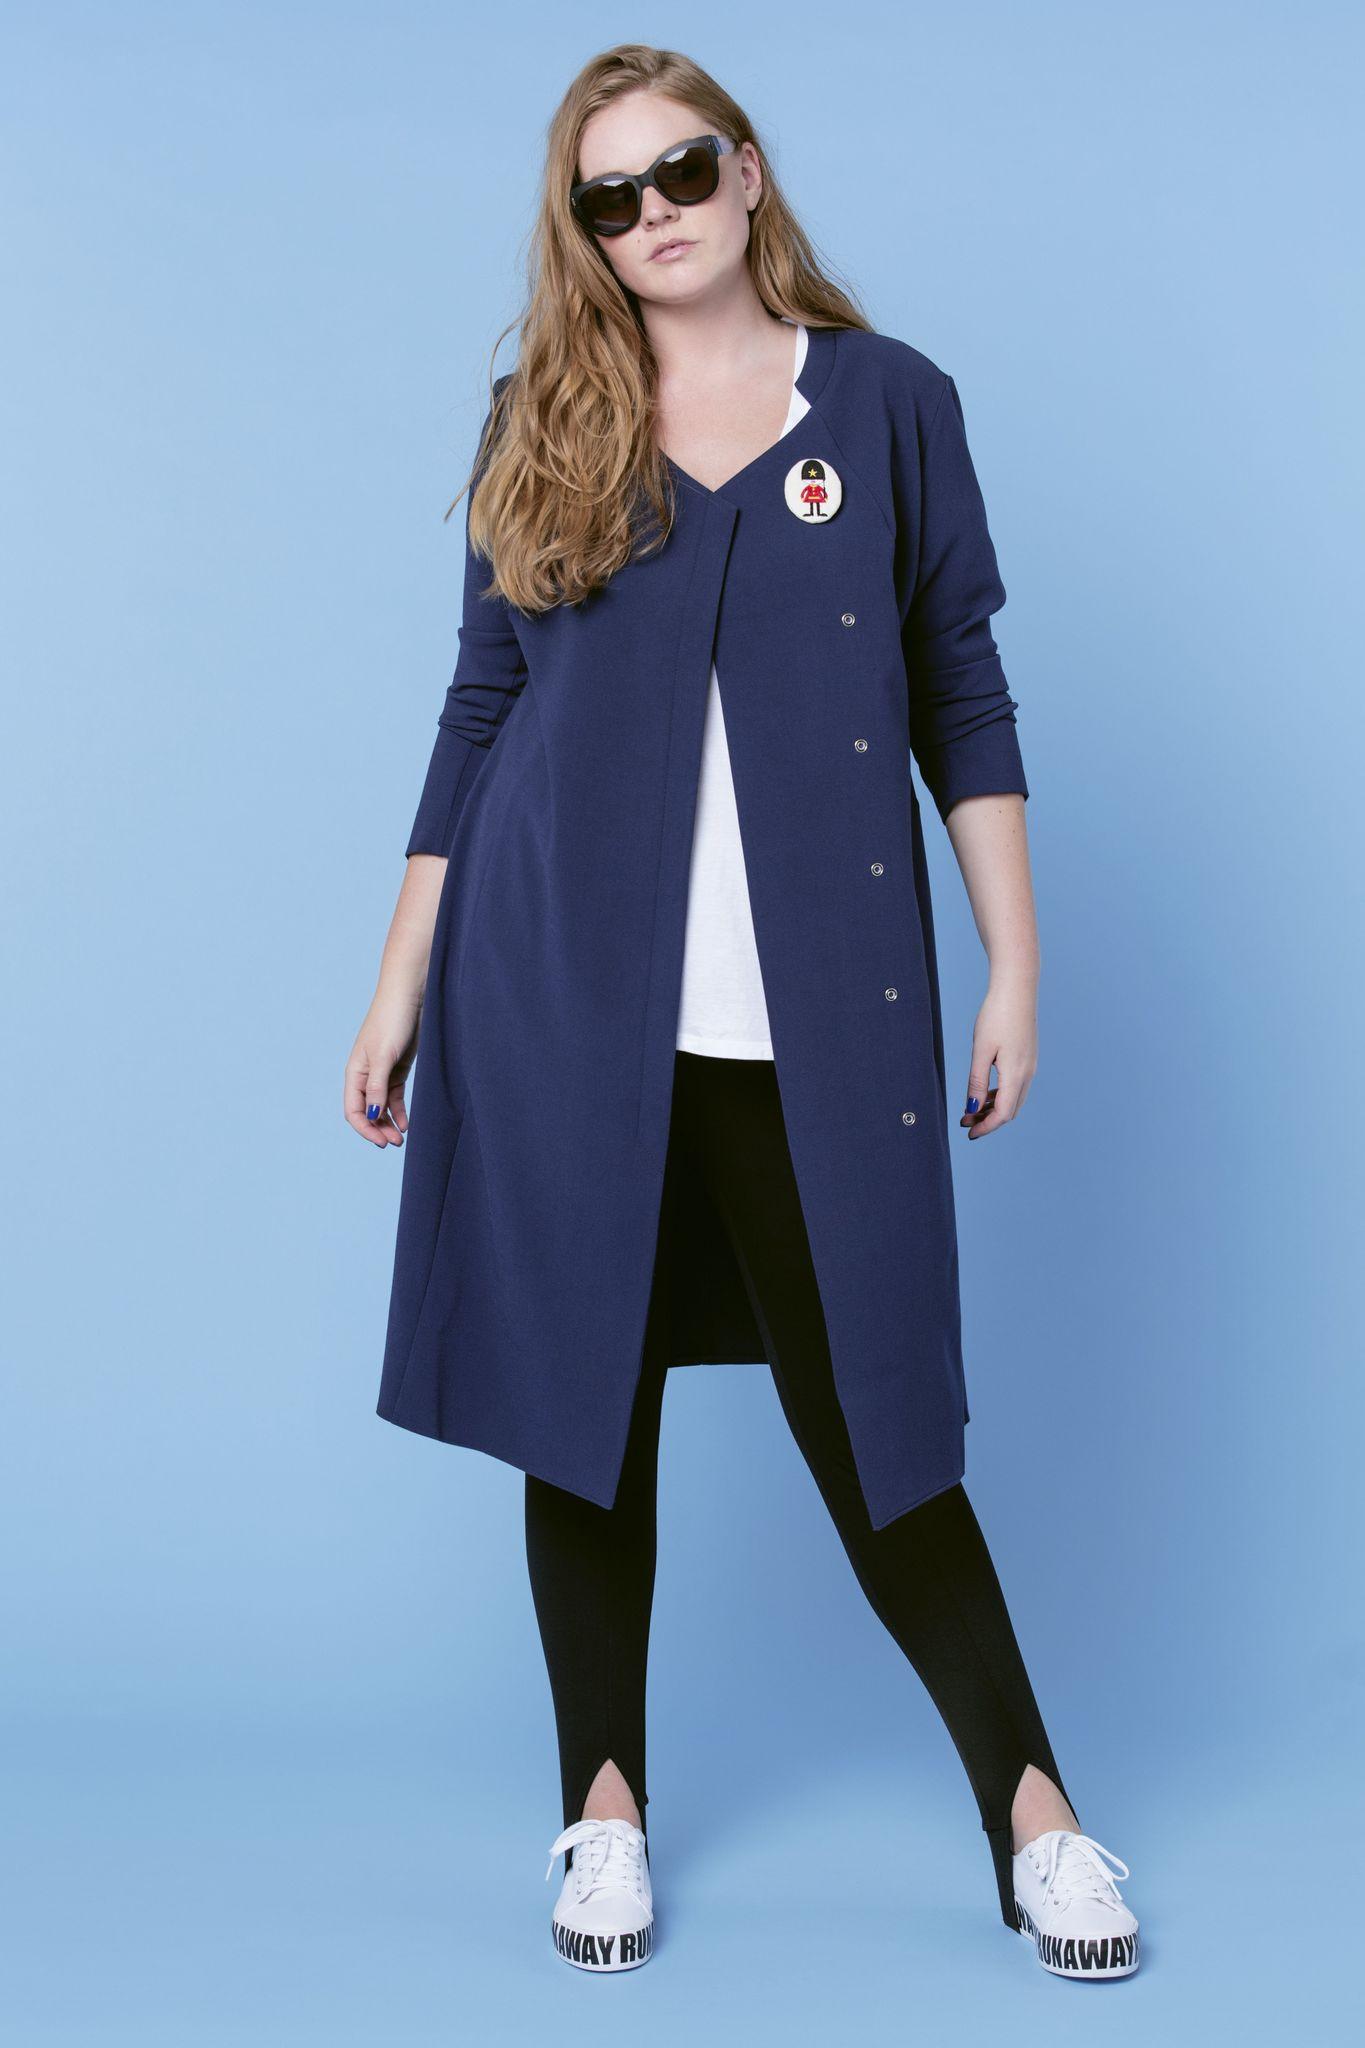 Платье BASE-03 DR03 CO20ФИНАЛЬНАЯ РАСПРОДАЖА<br>Да, вы не ошиблись- это то самое платье-пальто! Оно полностью перевернет Ваше представление о правильном гардеробе. Комфортное и практичное, сильное, модное, легкое и фантастически функциональное - его можно носить как самостоятельно, так и в качестве летнего пальто. Удобные застежки и ассиметрия, дизайнерские линии ворота- это платье-пальто просто идеально.<br>